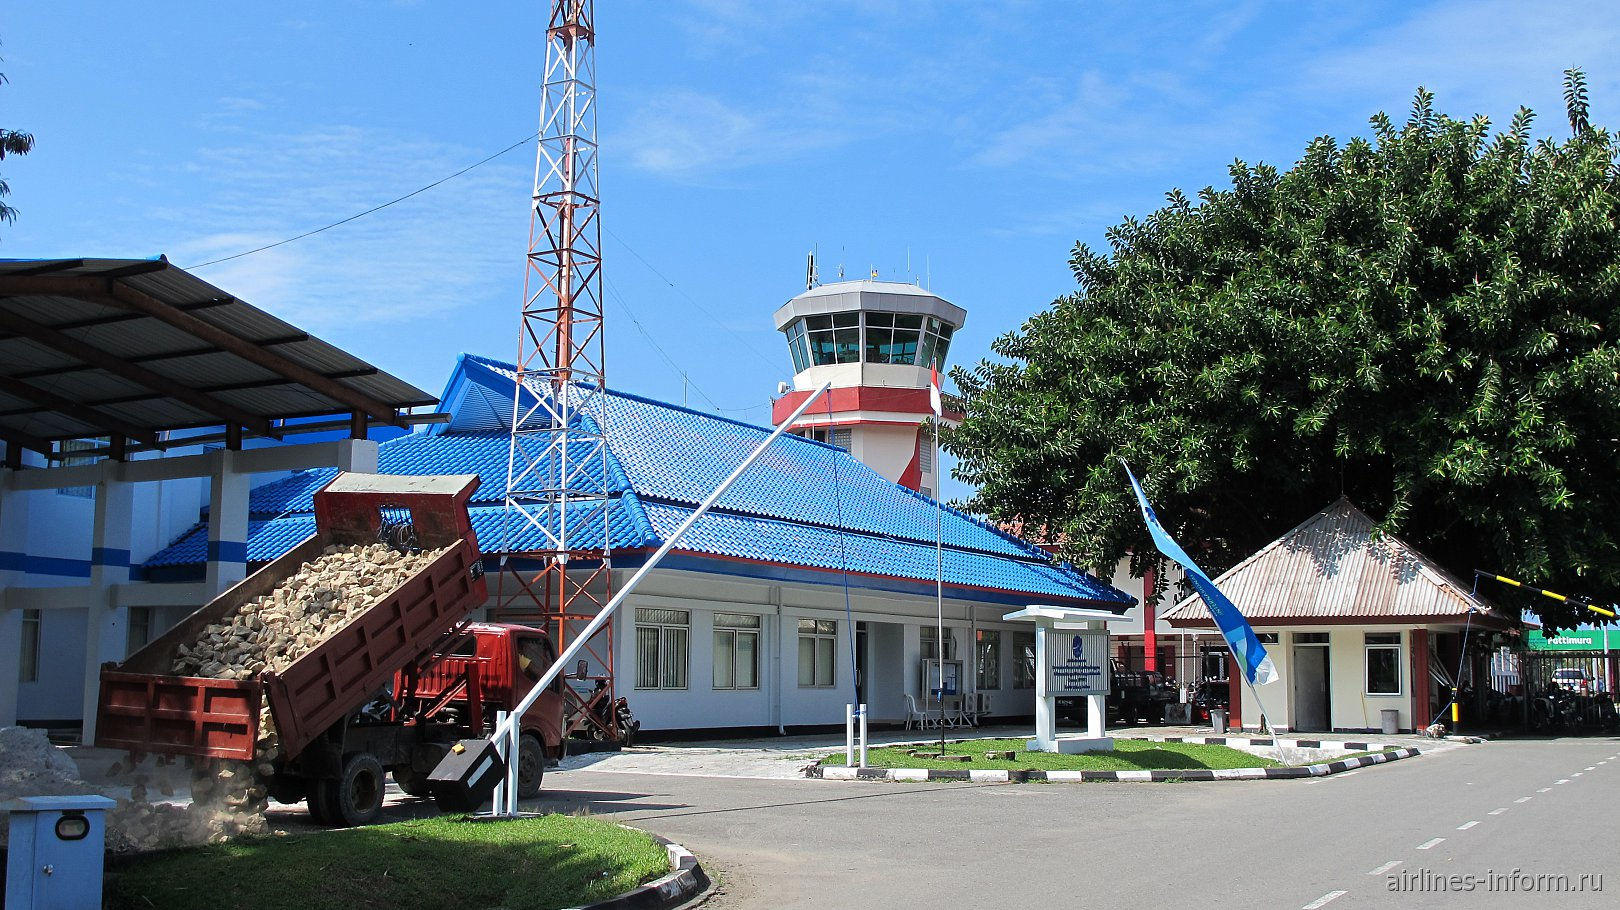 Здание дирекции аэропорта Паттимура